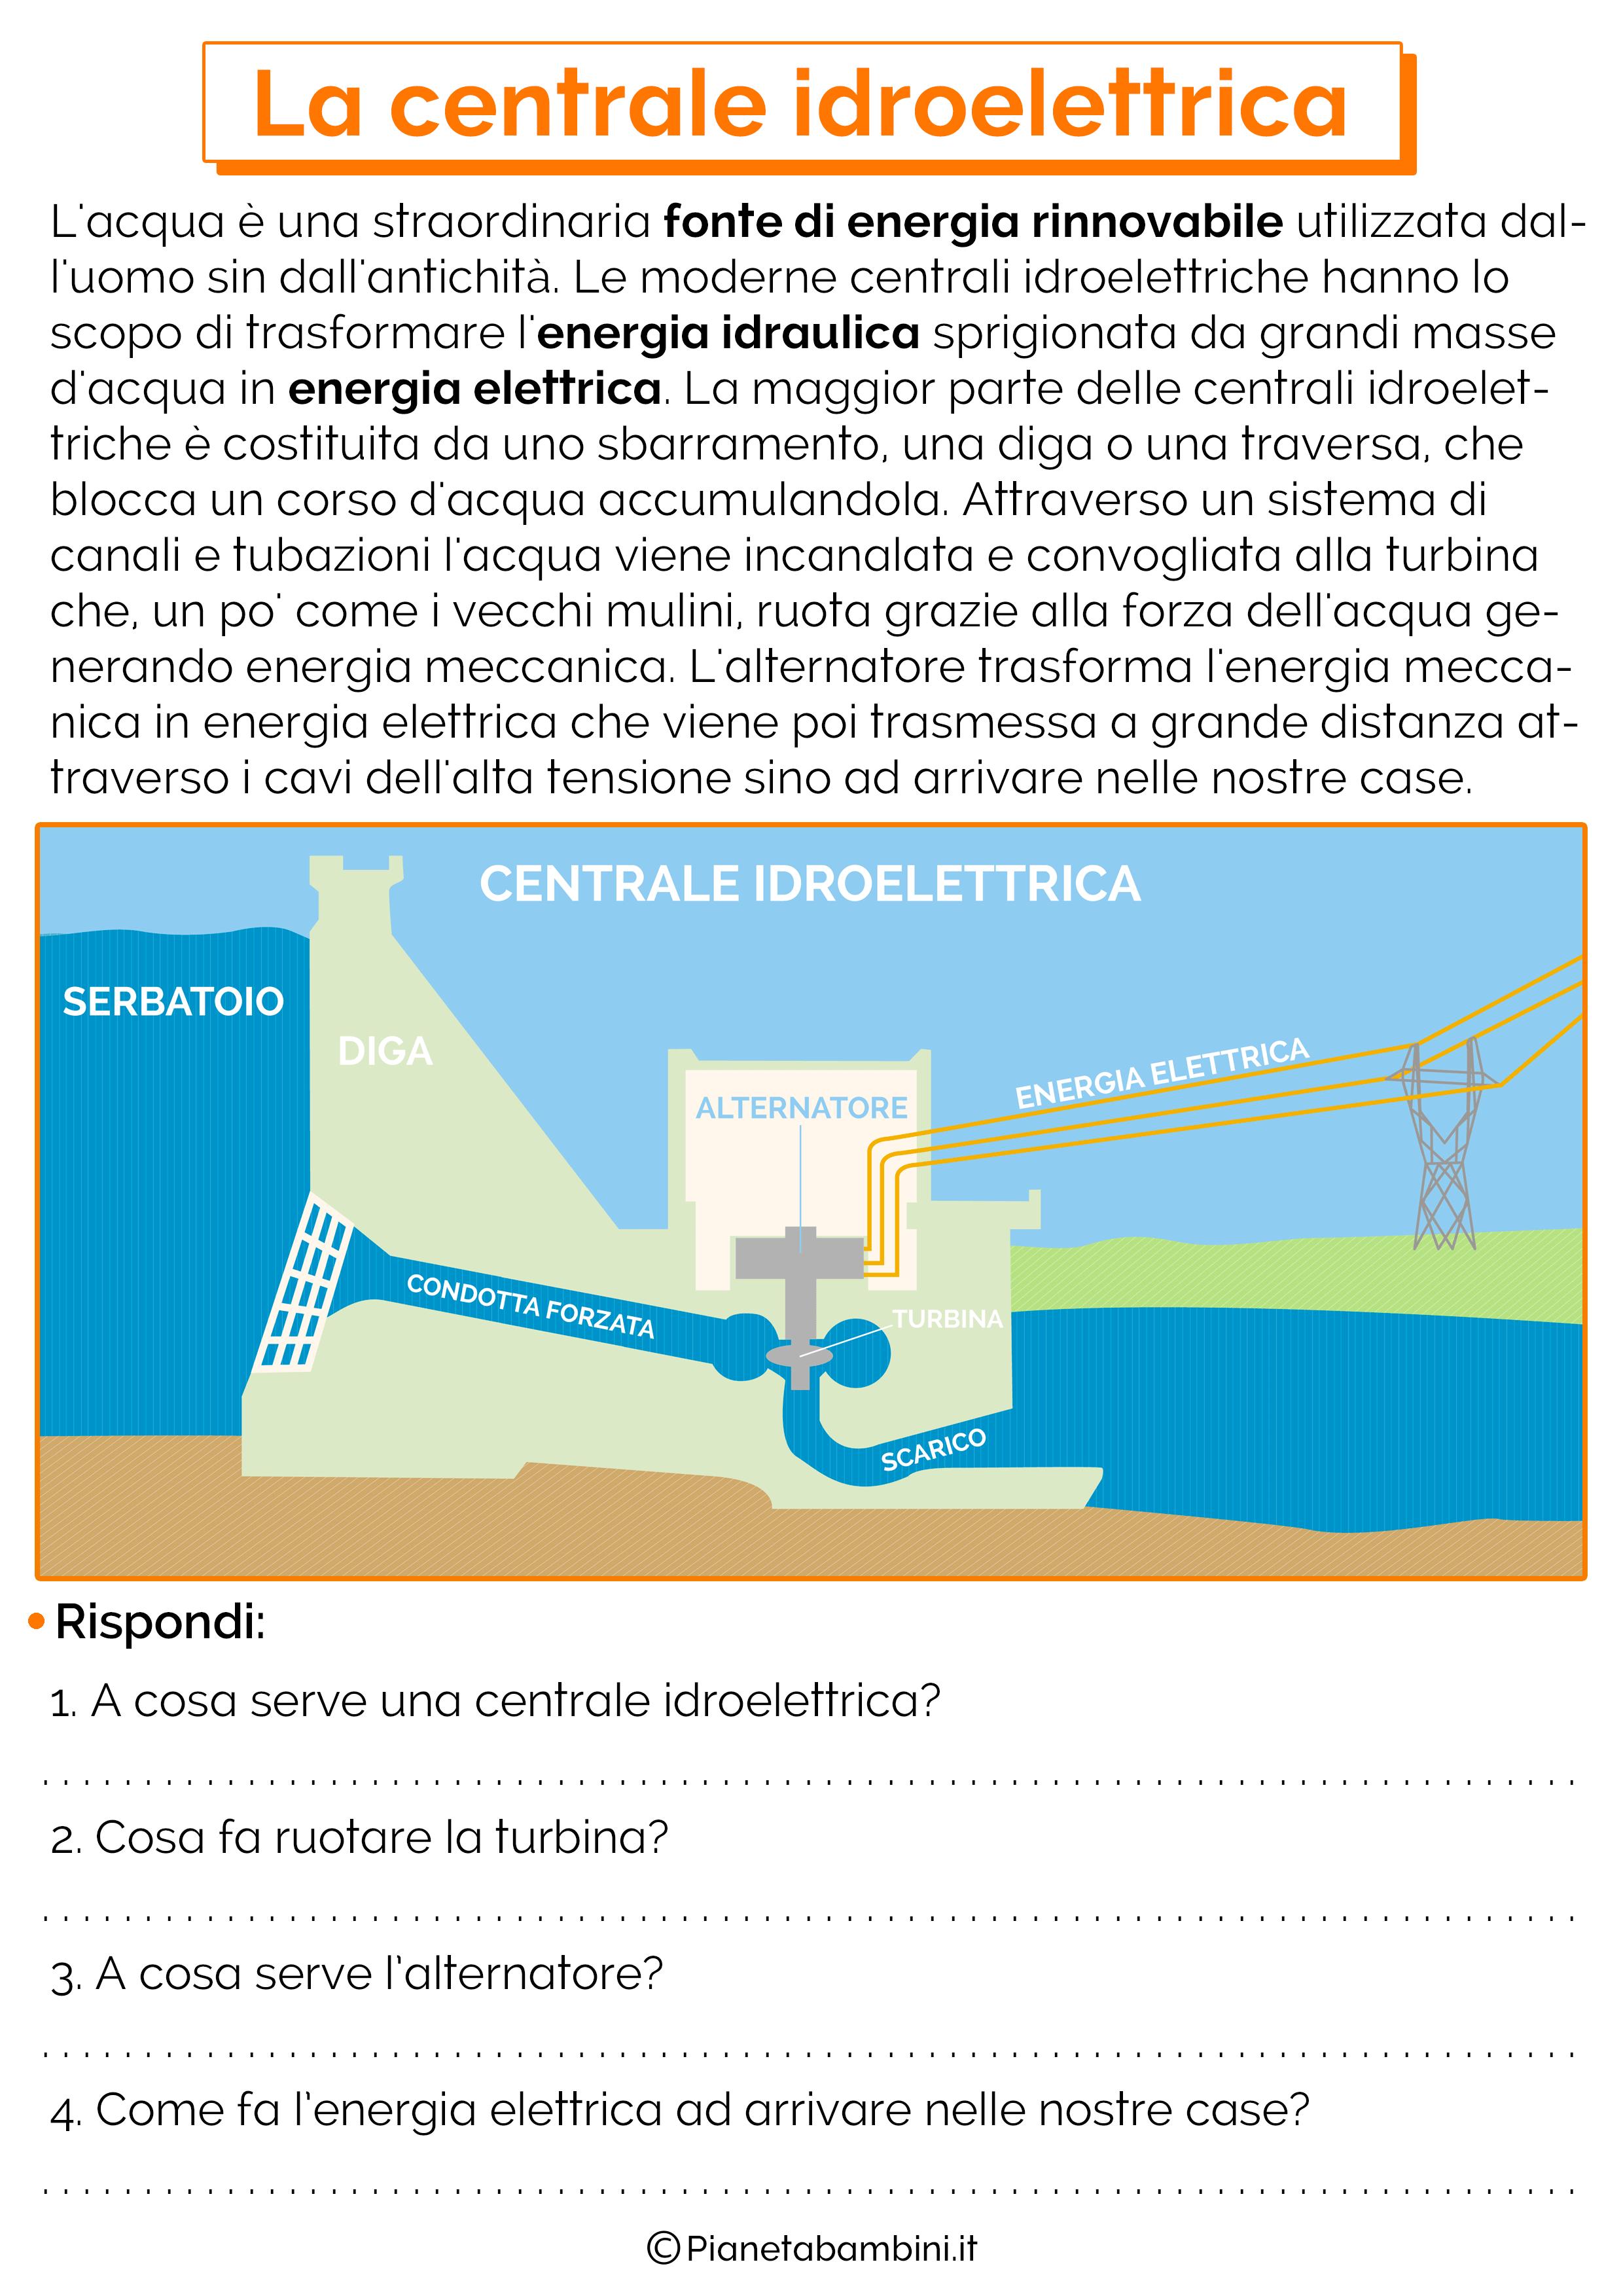 Esercizi sulla centrale idroelettrica